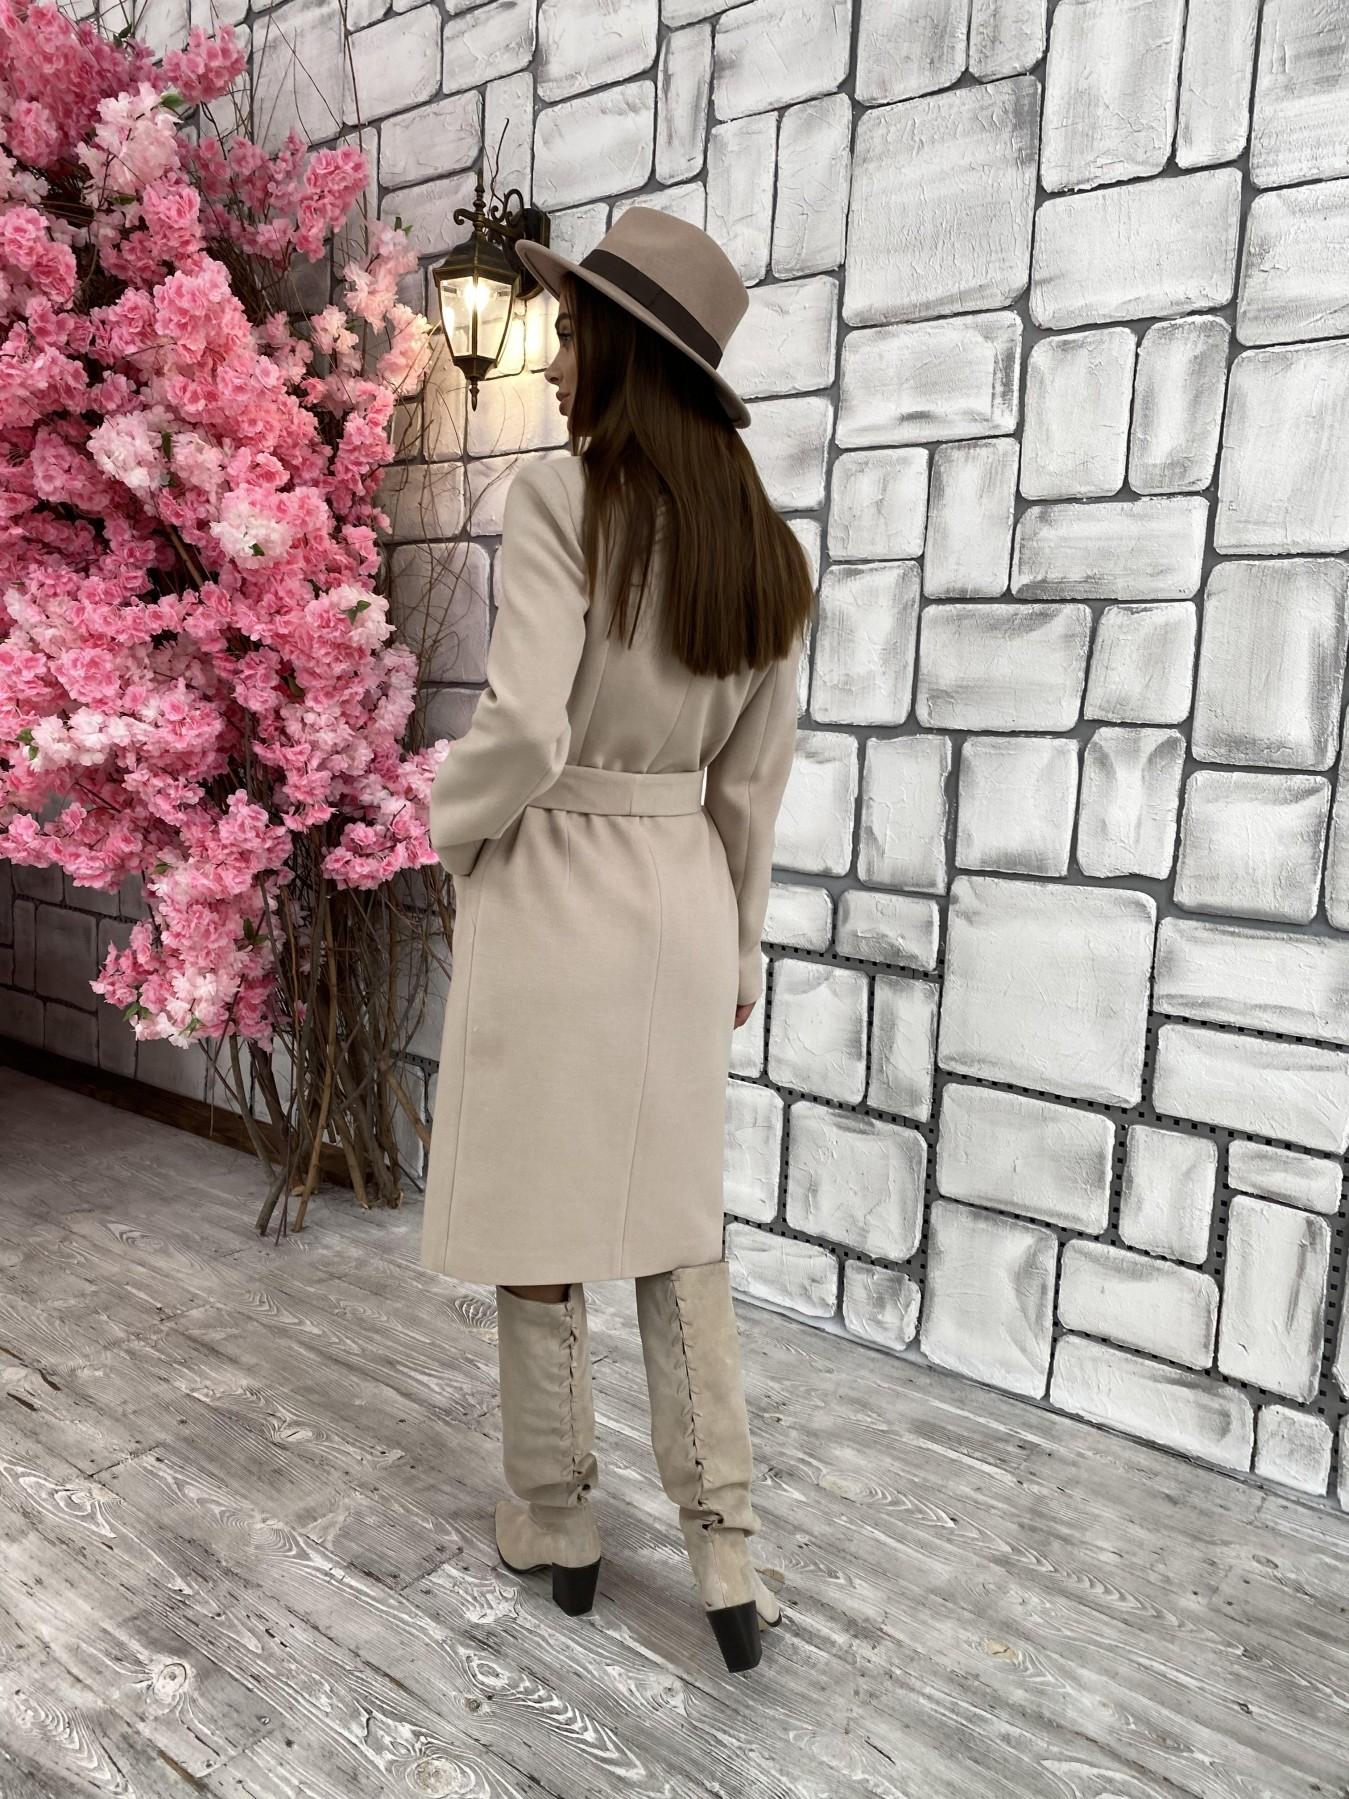 Мехико кашемир гладкий пальто 11643 АРТ. 48354 Цвет: Бежевый - фото 4, интернет магазин tm-modus.ru